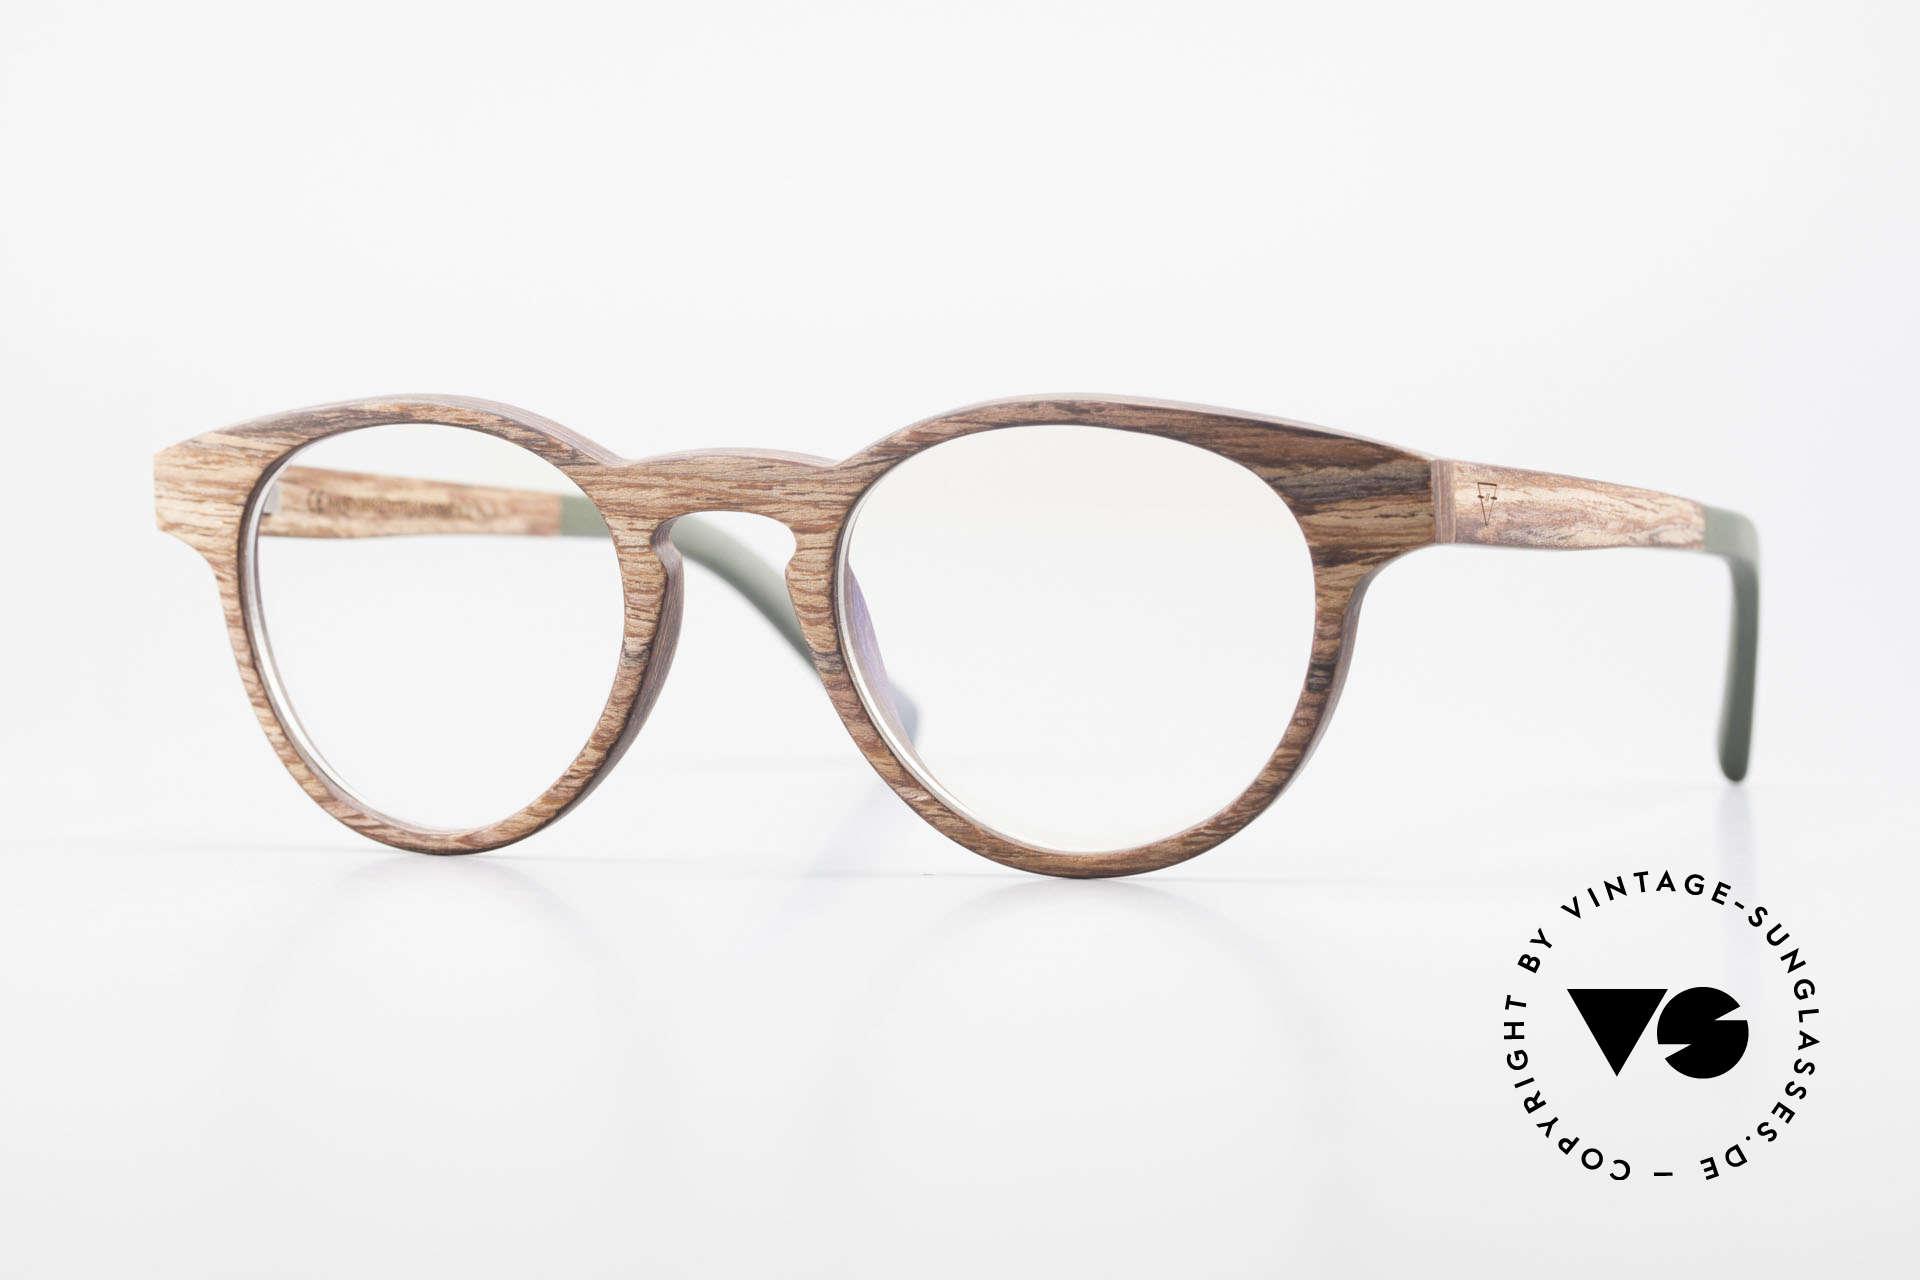 Kerbholz Friedrich Holzbrille Panto Rosewood, Echte Panto-Holzbrille von Kerbholz, made in Germany, Passend für Herren und Damen